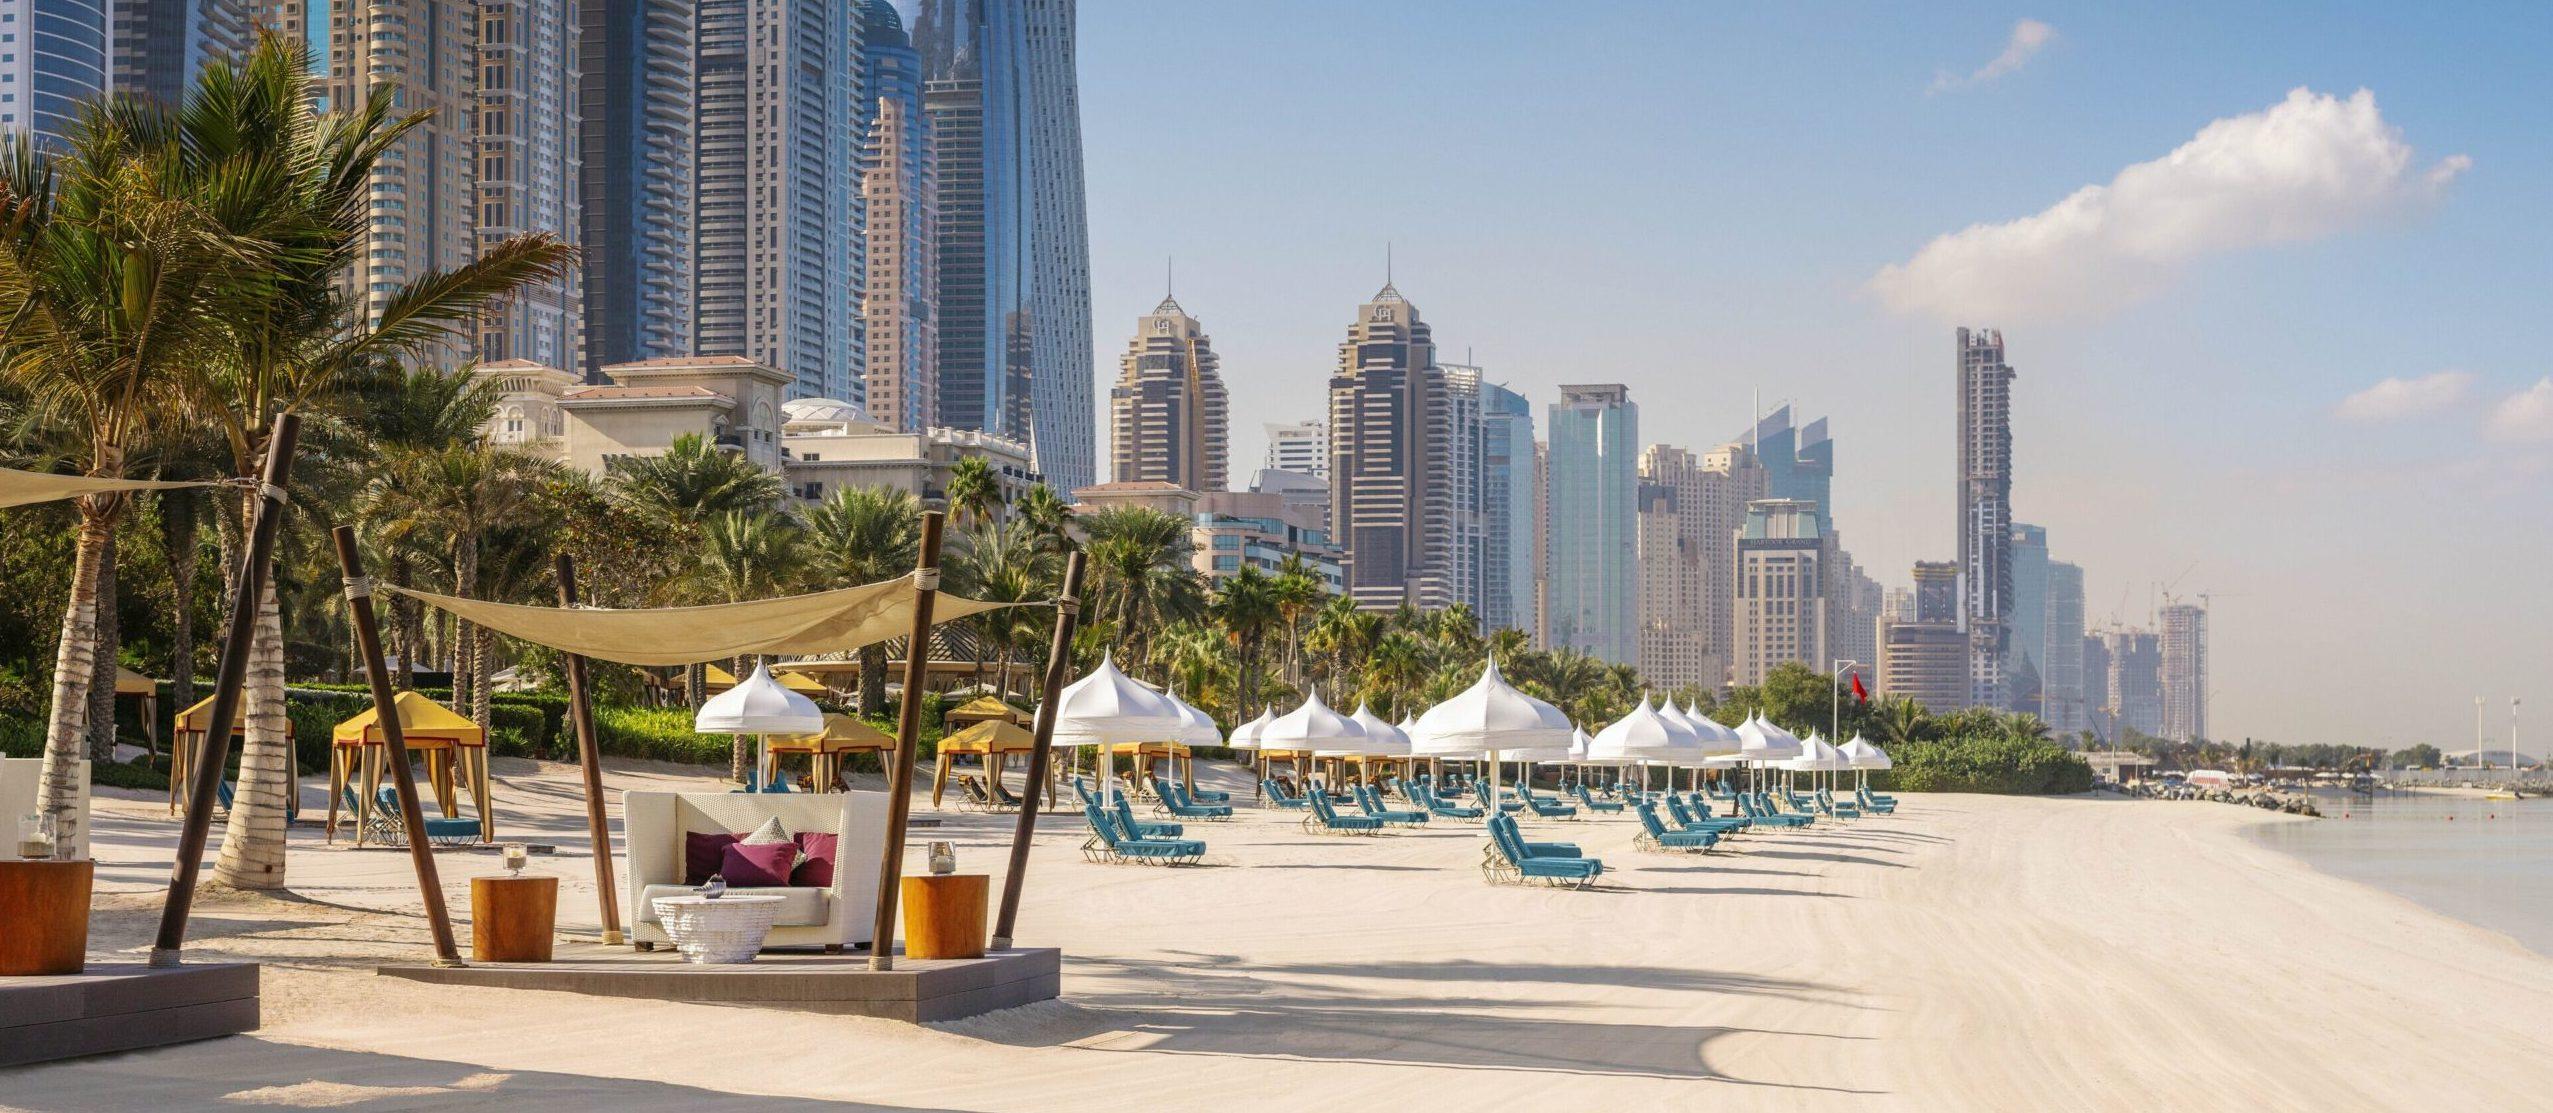 Top 10 Best Luxury Hotels in Dubai